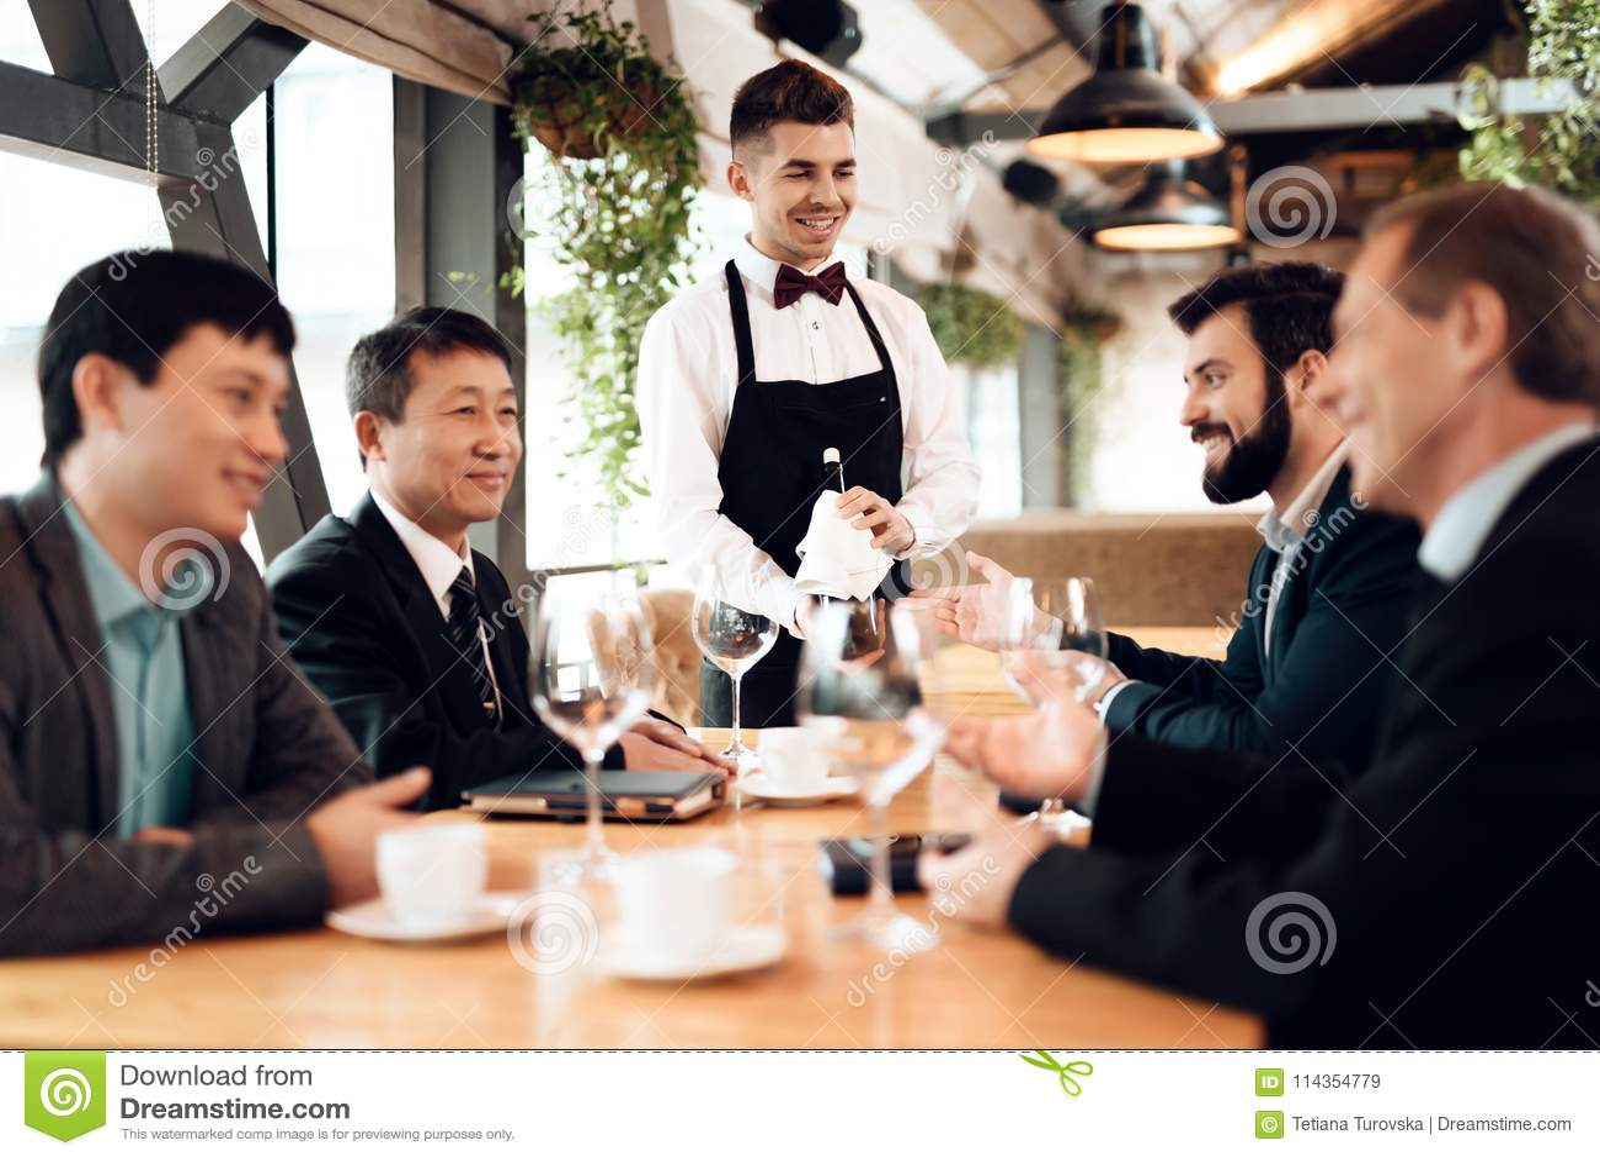 Encuentro con de hombres de negocios chinos en restaurante El camarero trae el vino